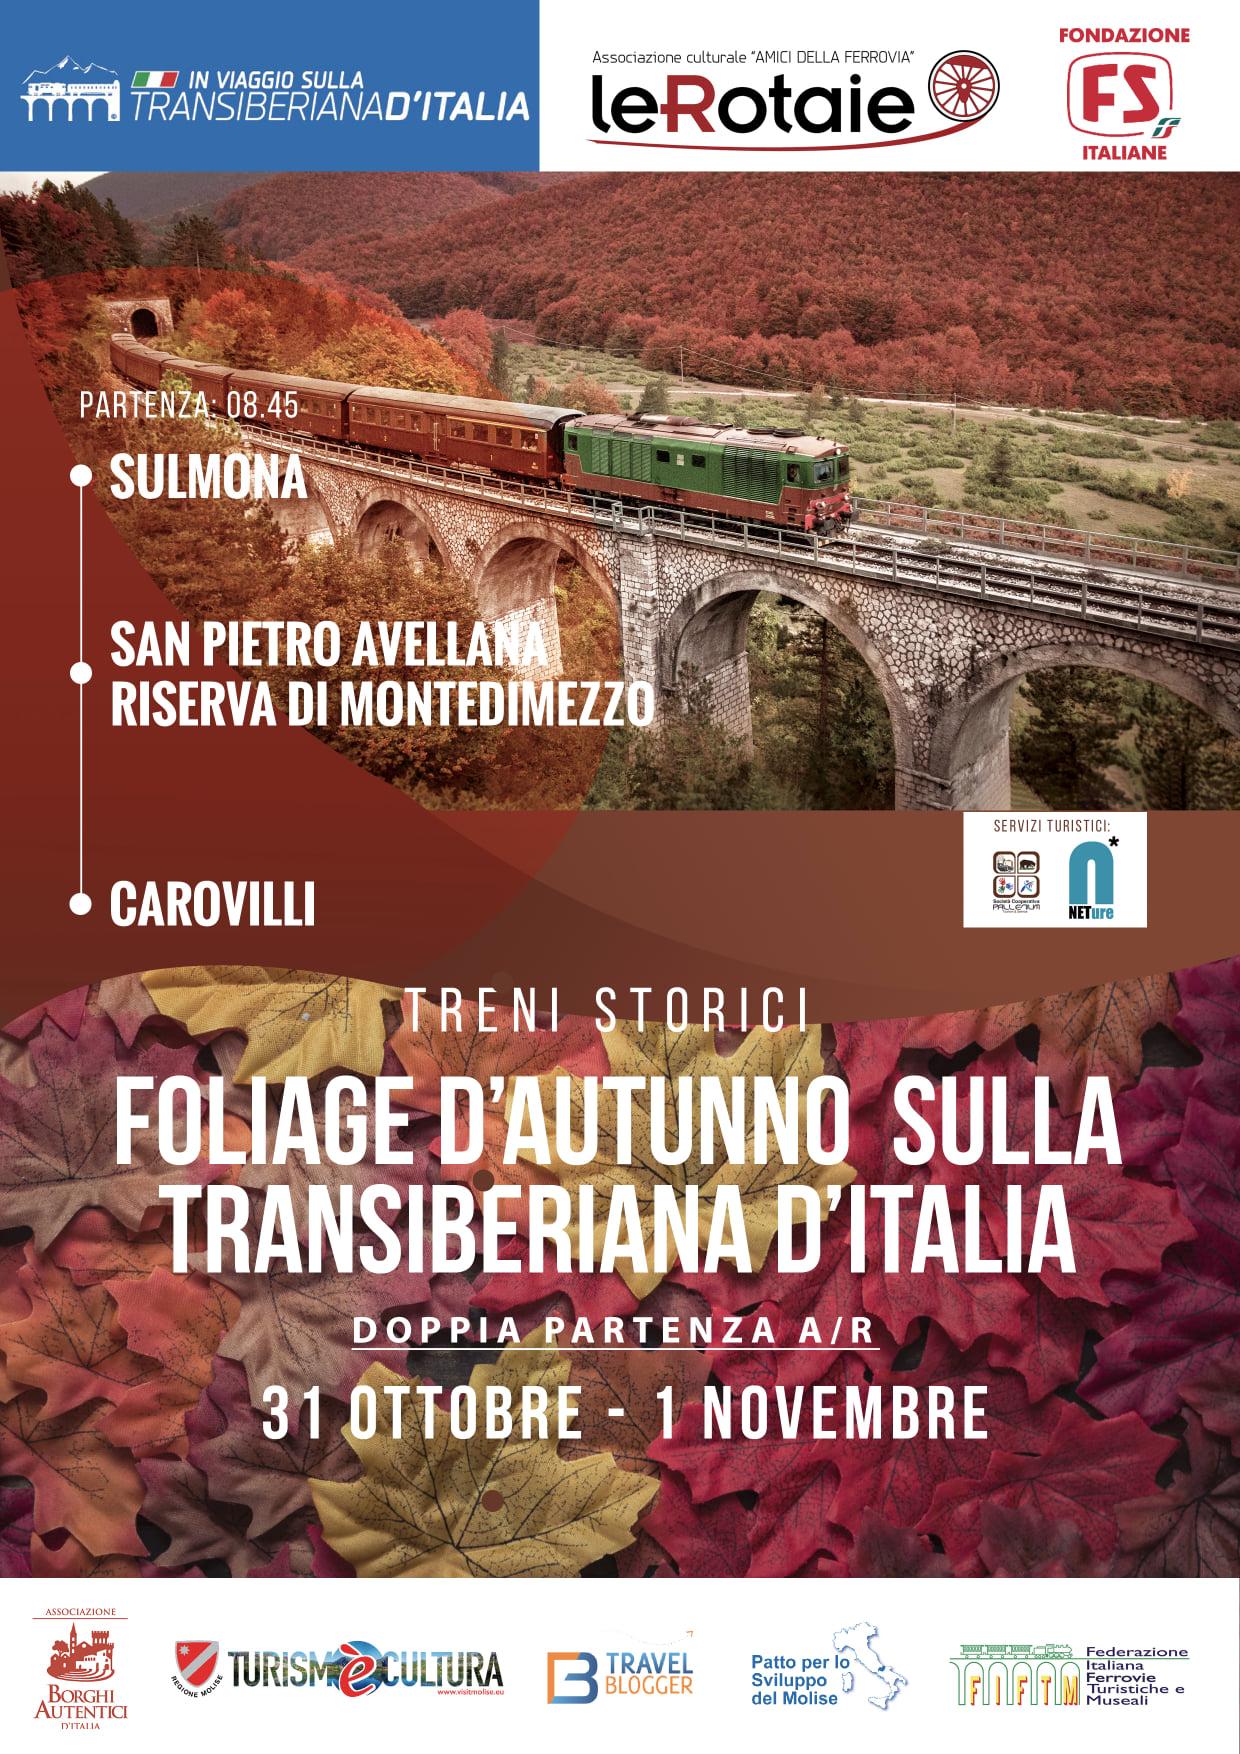 Sulmona-Carovilli A/R